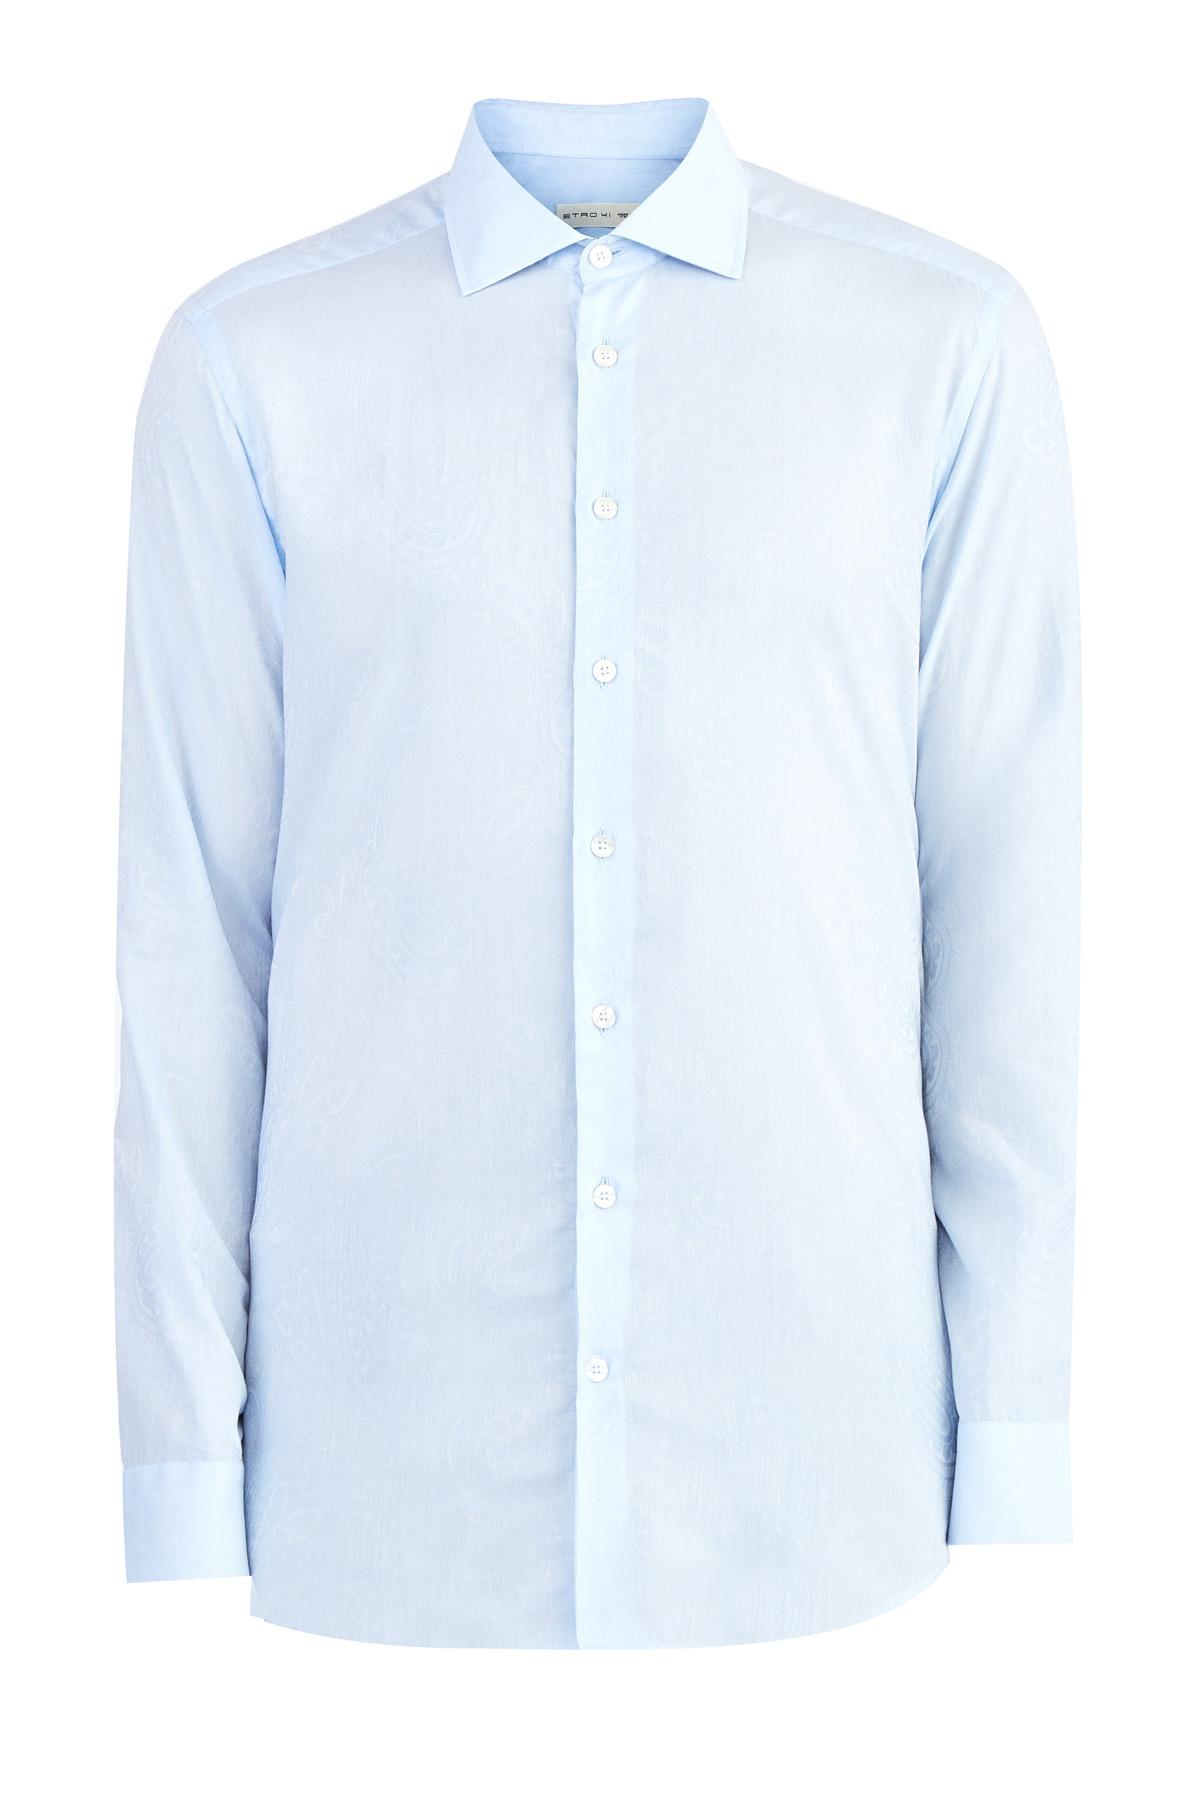 Хлопковая рубашка с макро-принтом в жаккардовой технике фото